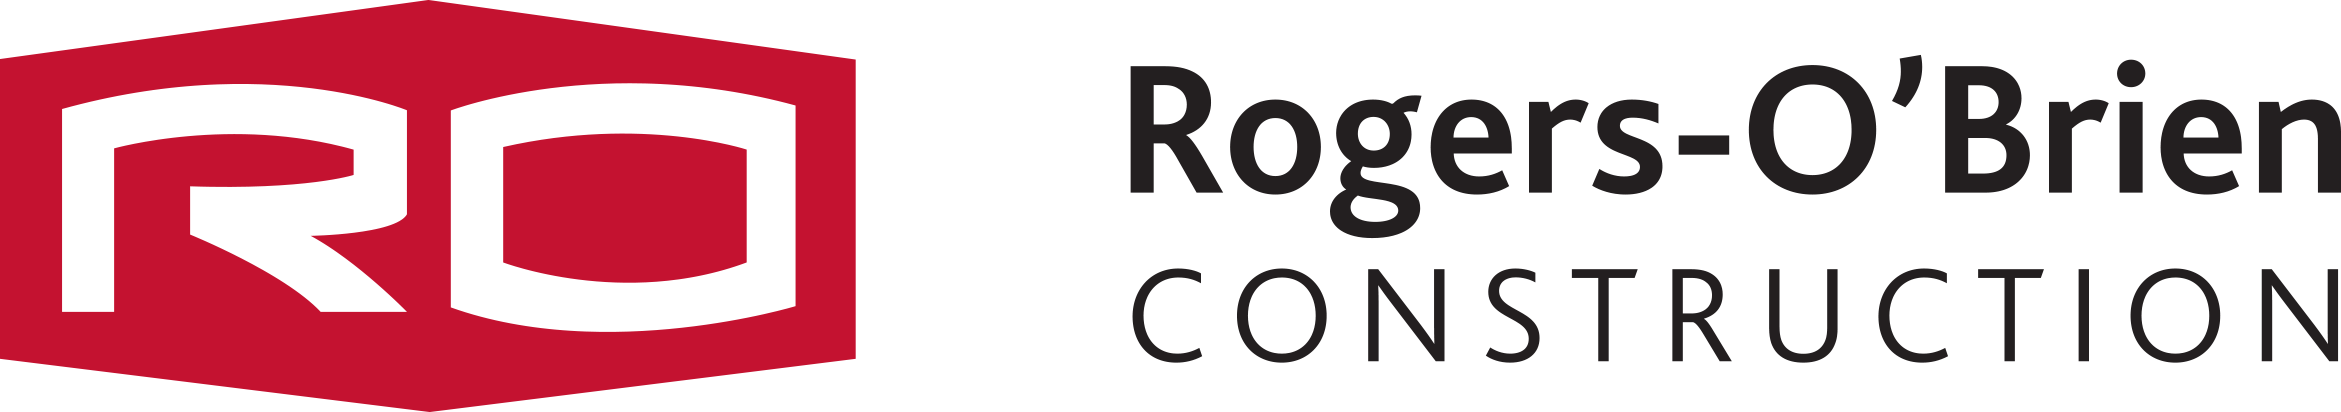 2021 Golf - Rogers-O'Brien logo